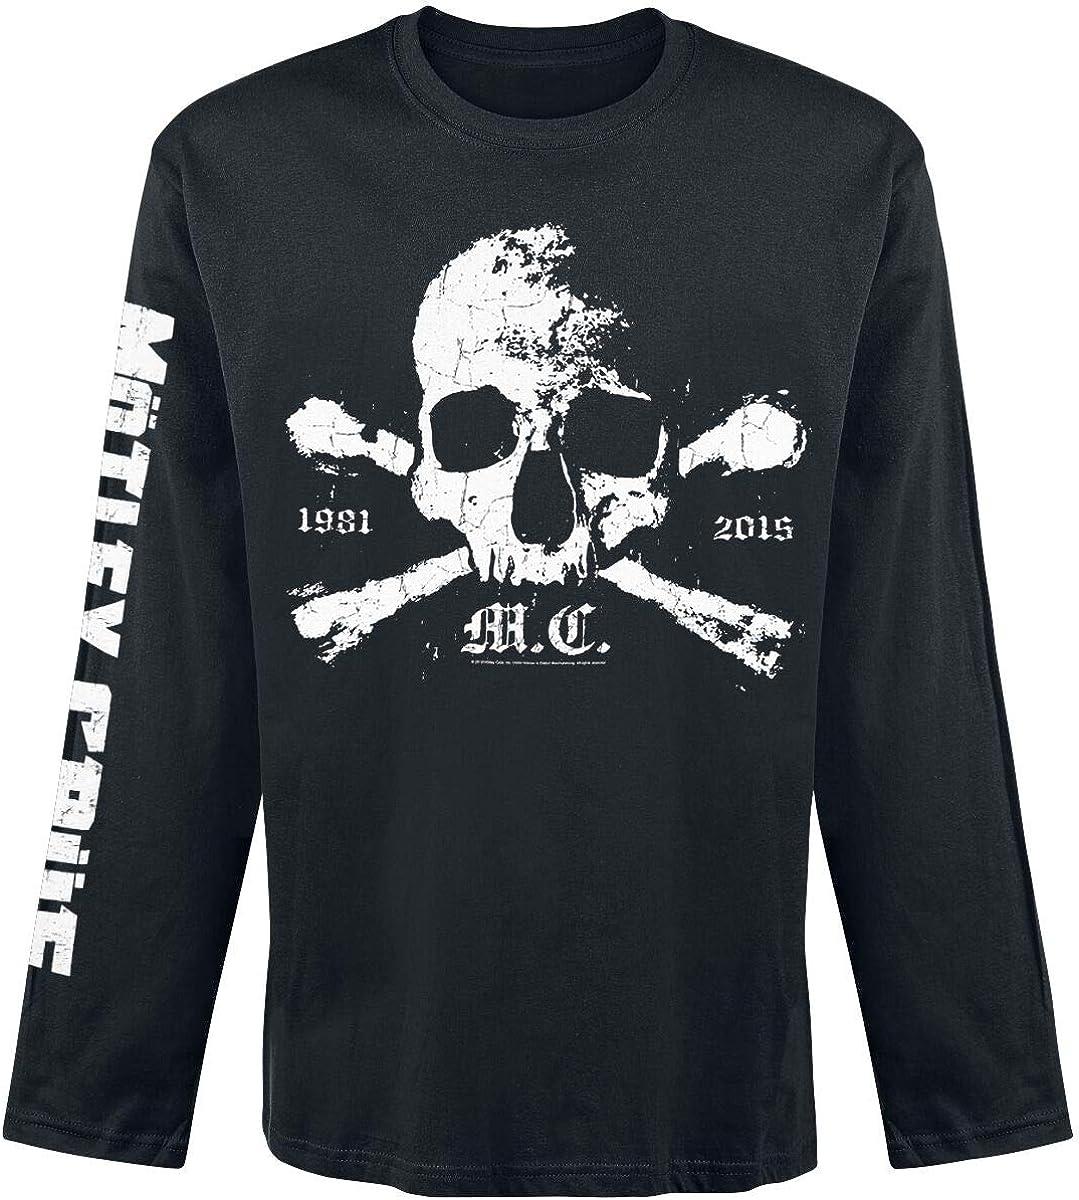 M/ötley Cr/üe Bad Boys Frauen T-Shirt grau//schwarz Band-Merch Bands